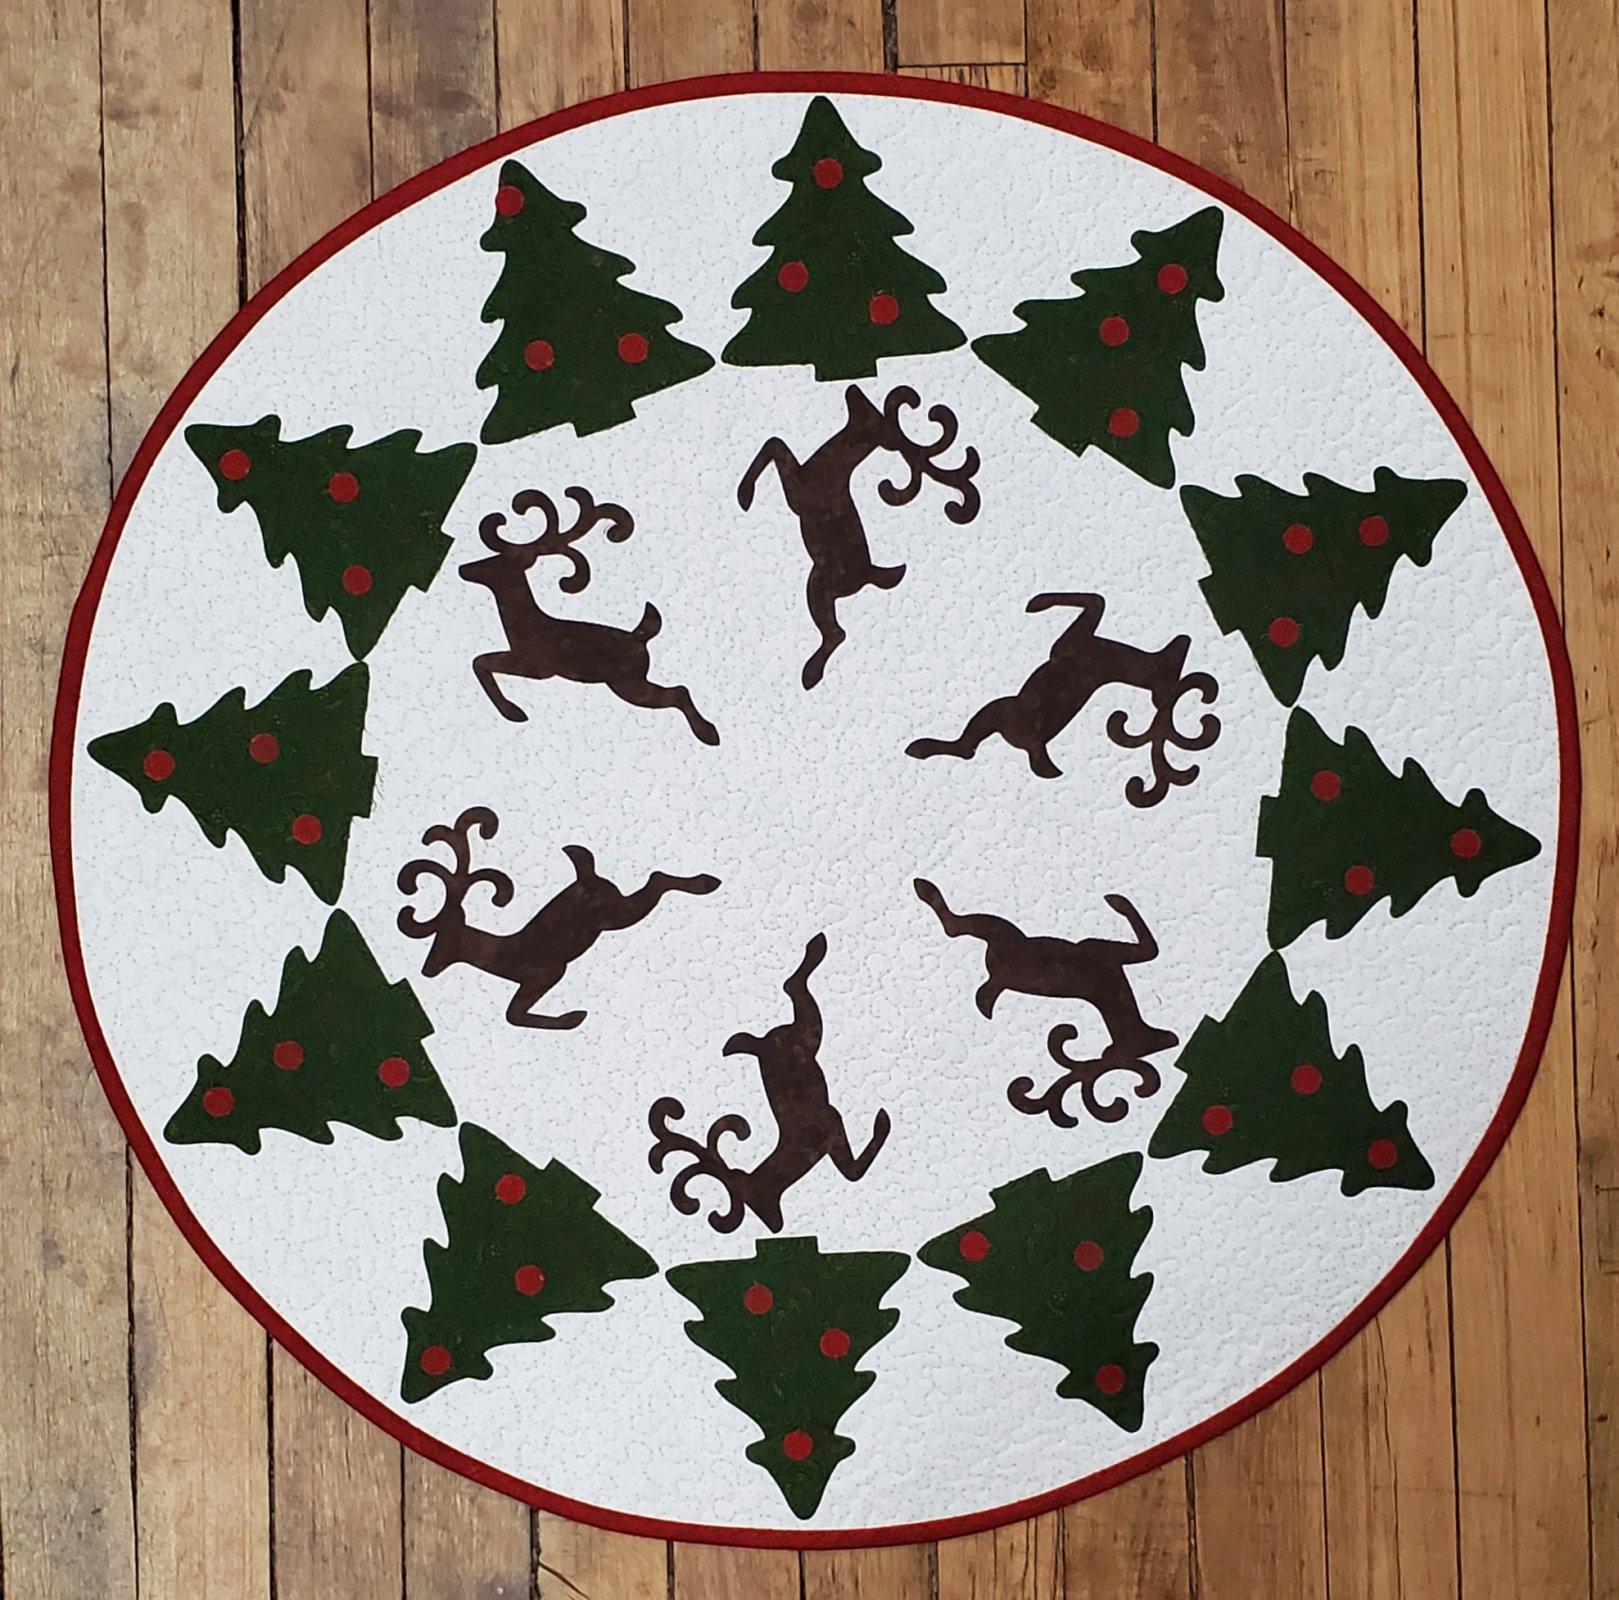 Reindeer Dance Table Topper Kit